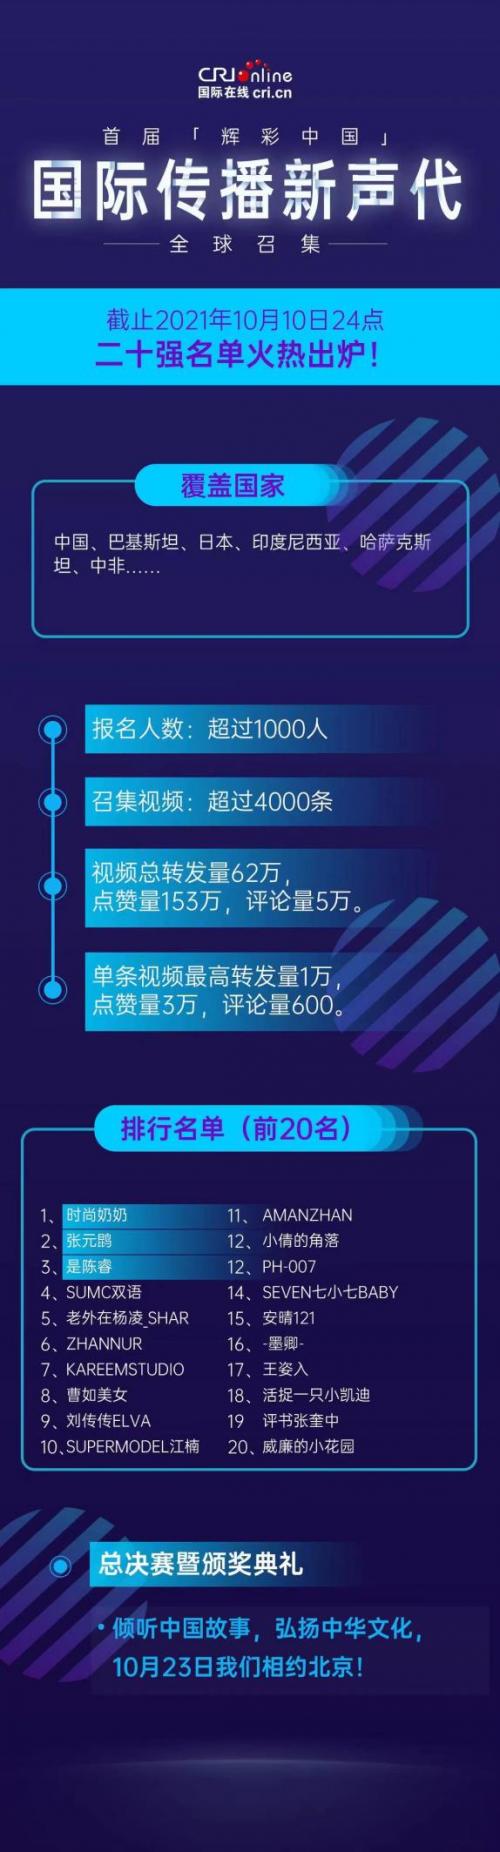 """""""辉彩中国""""国际传播新声代二十强名单出炉,江楠进全球总决赛"""